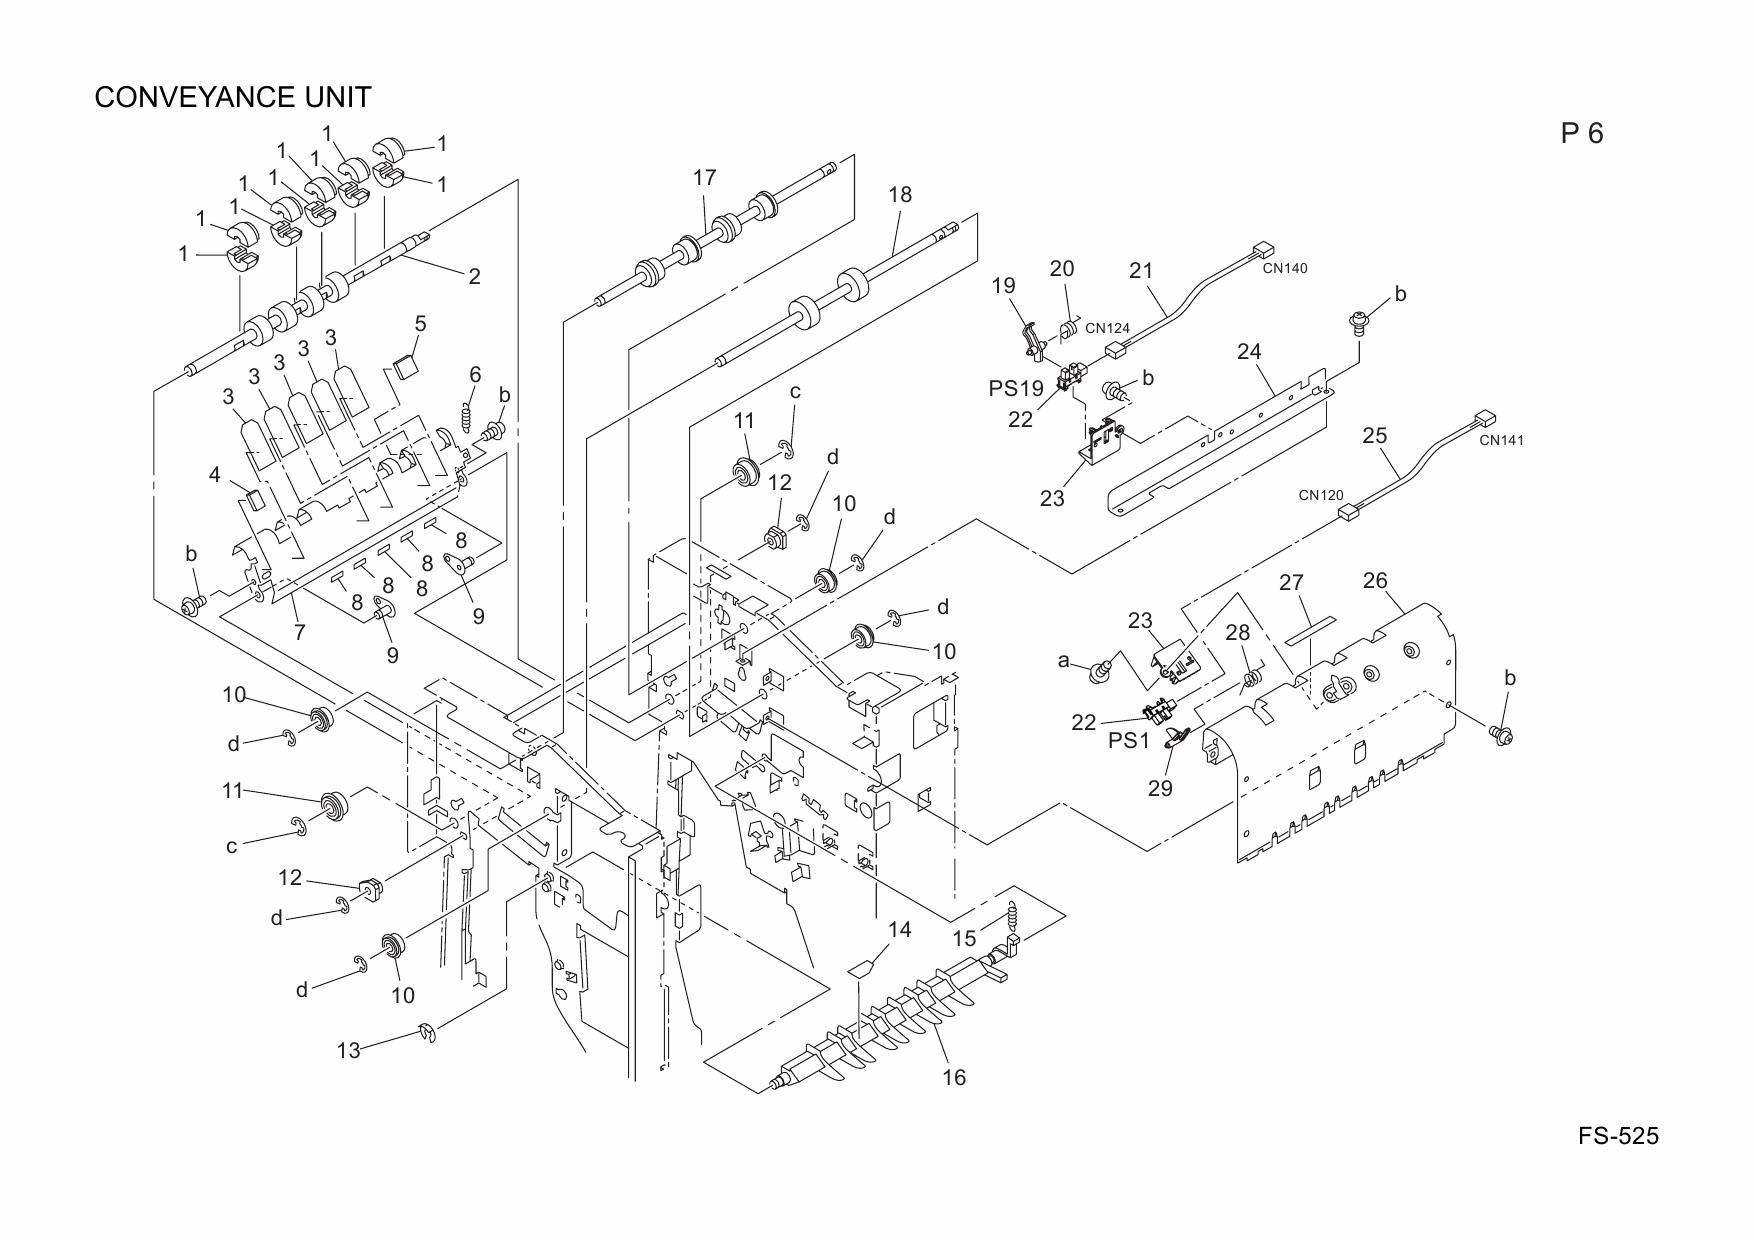 Konica-Minolta Options FS-525 A0R2 Parts Manual